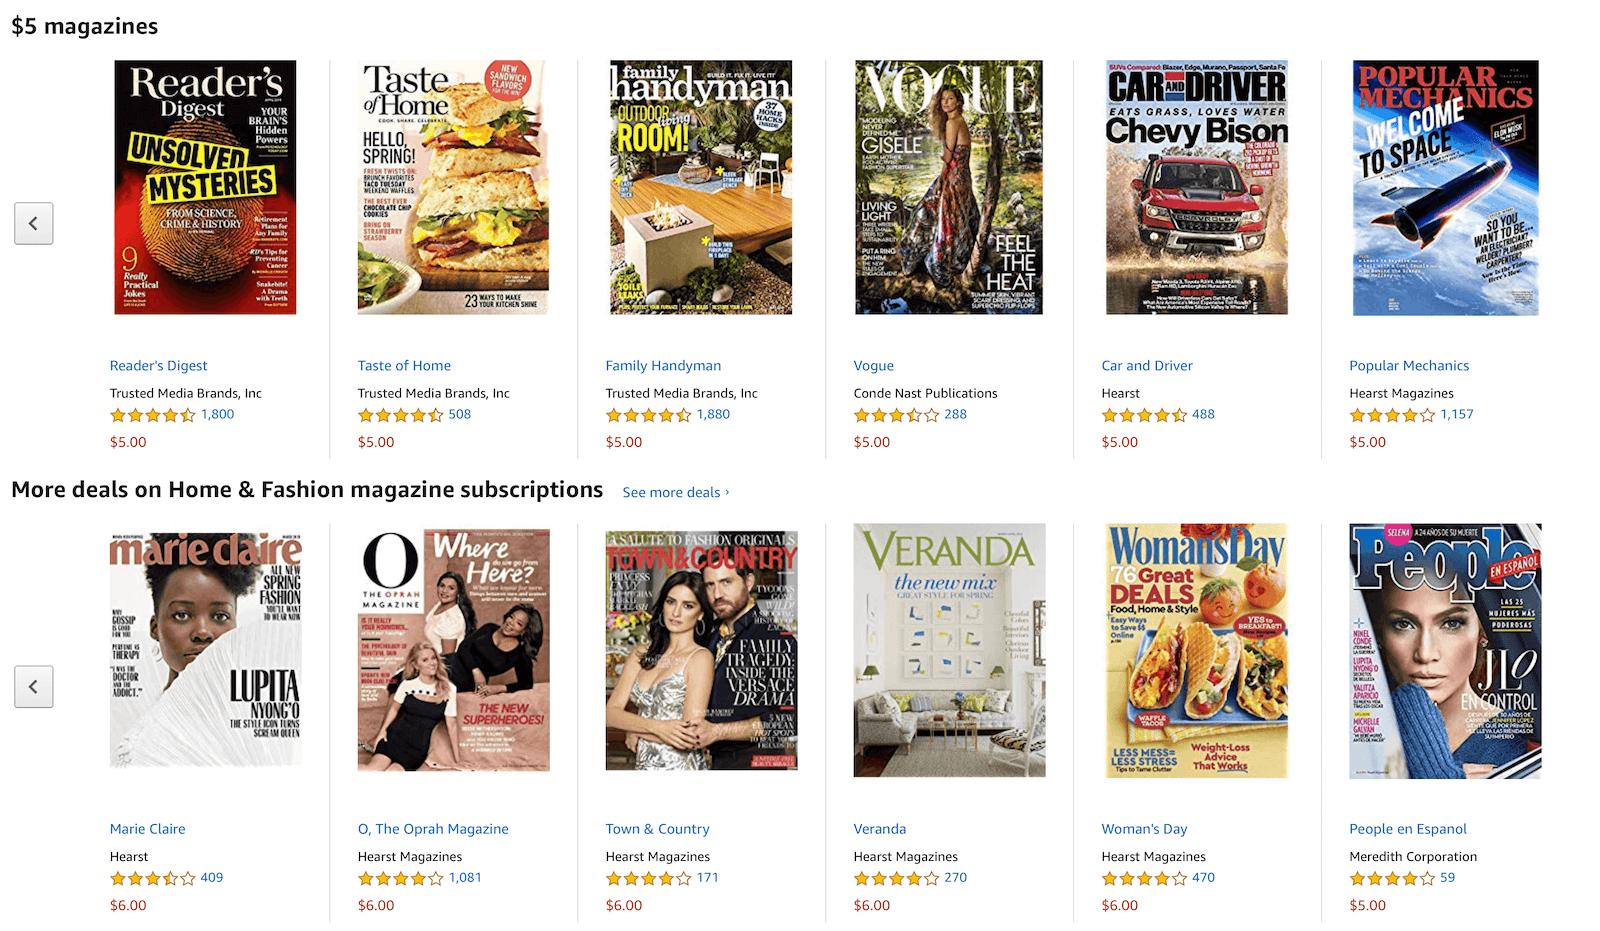 亚马逊上几乎每天都会出现的廉价杂志订阅,其中很多是 Apple News+ 所收录的